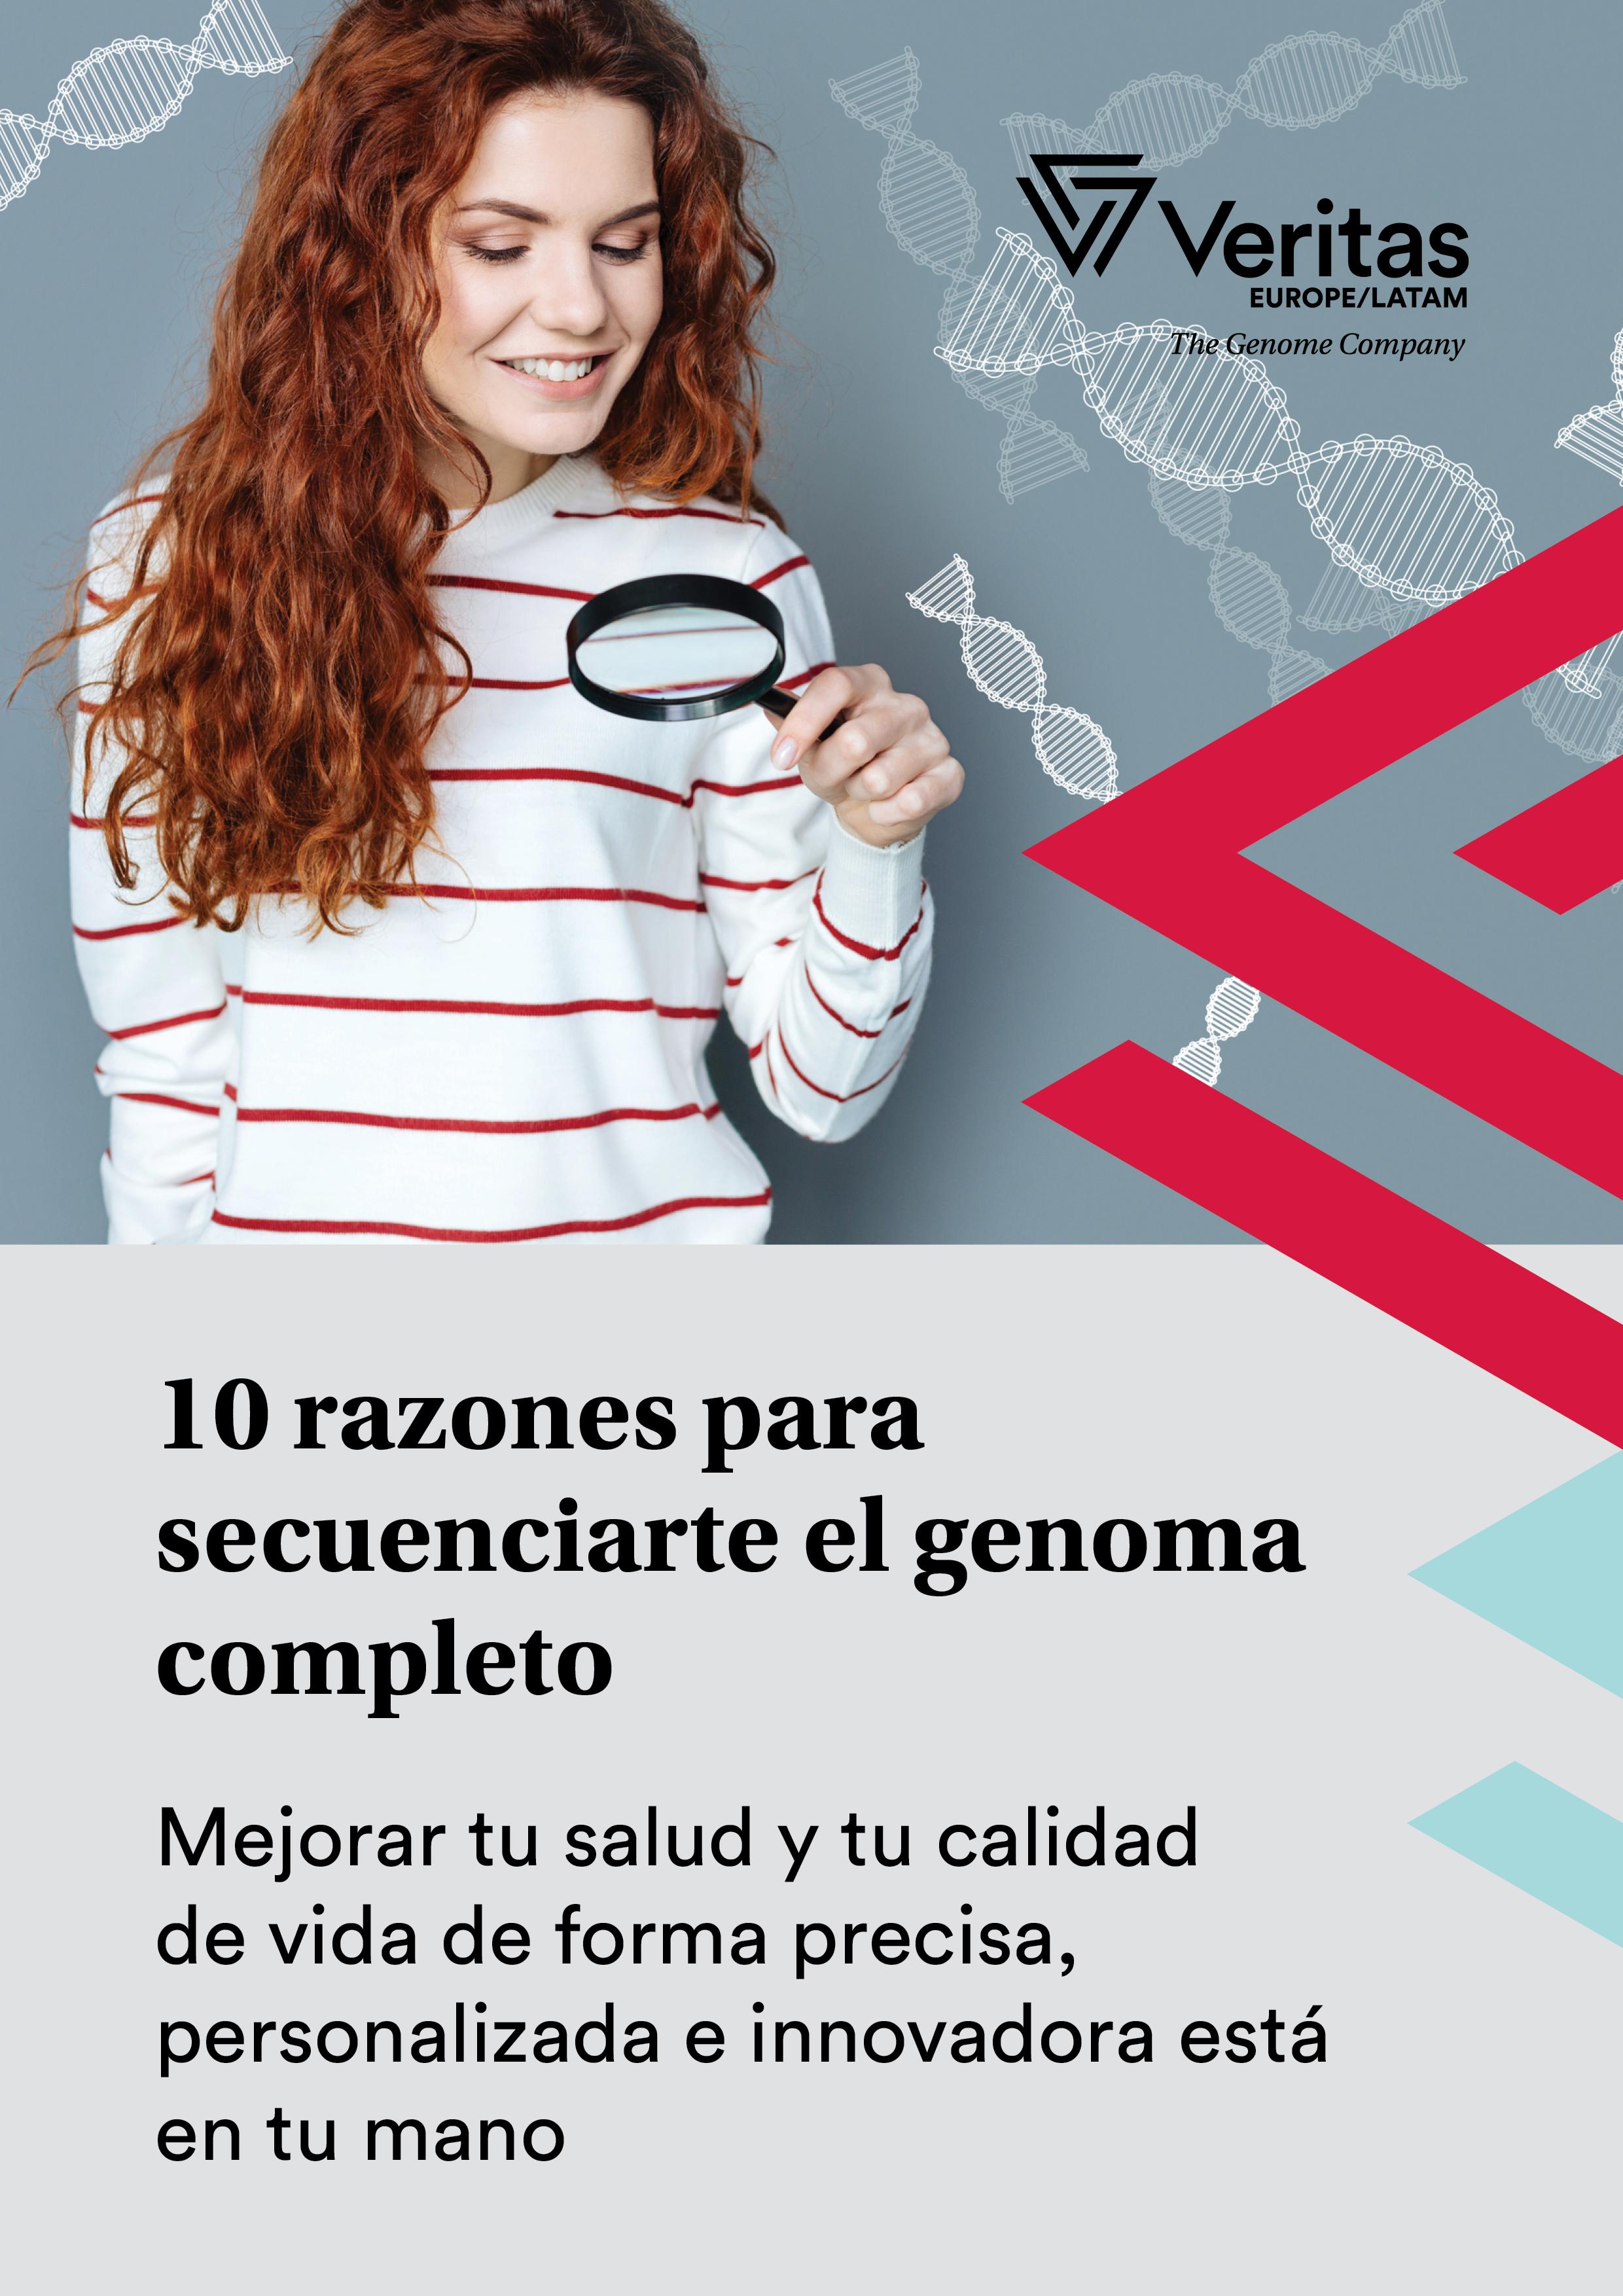 10 razones para secuenciarte el genoma completo